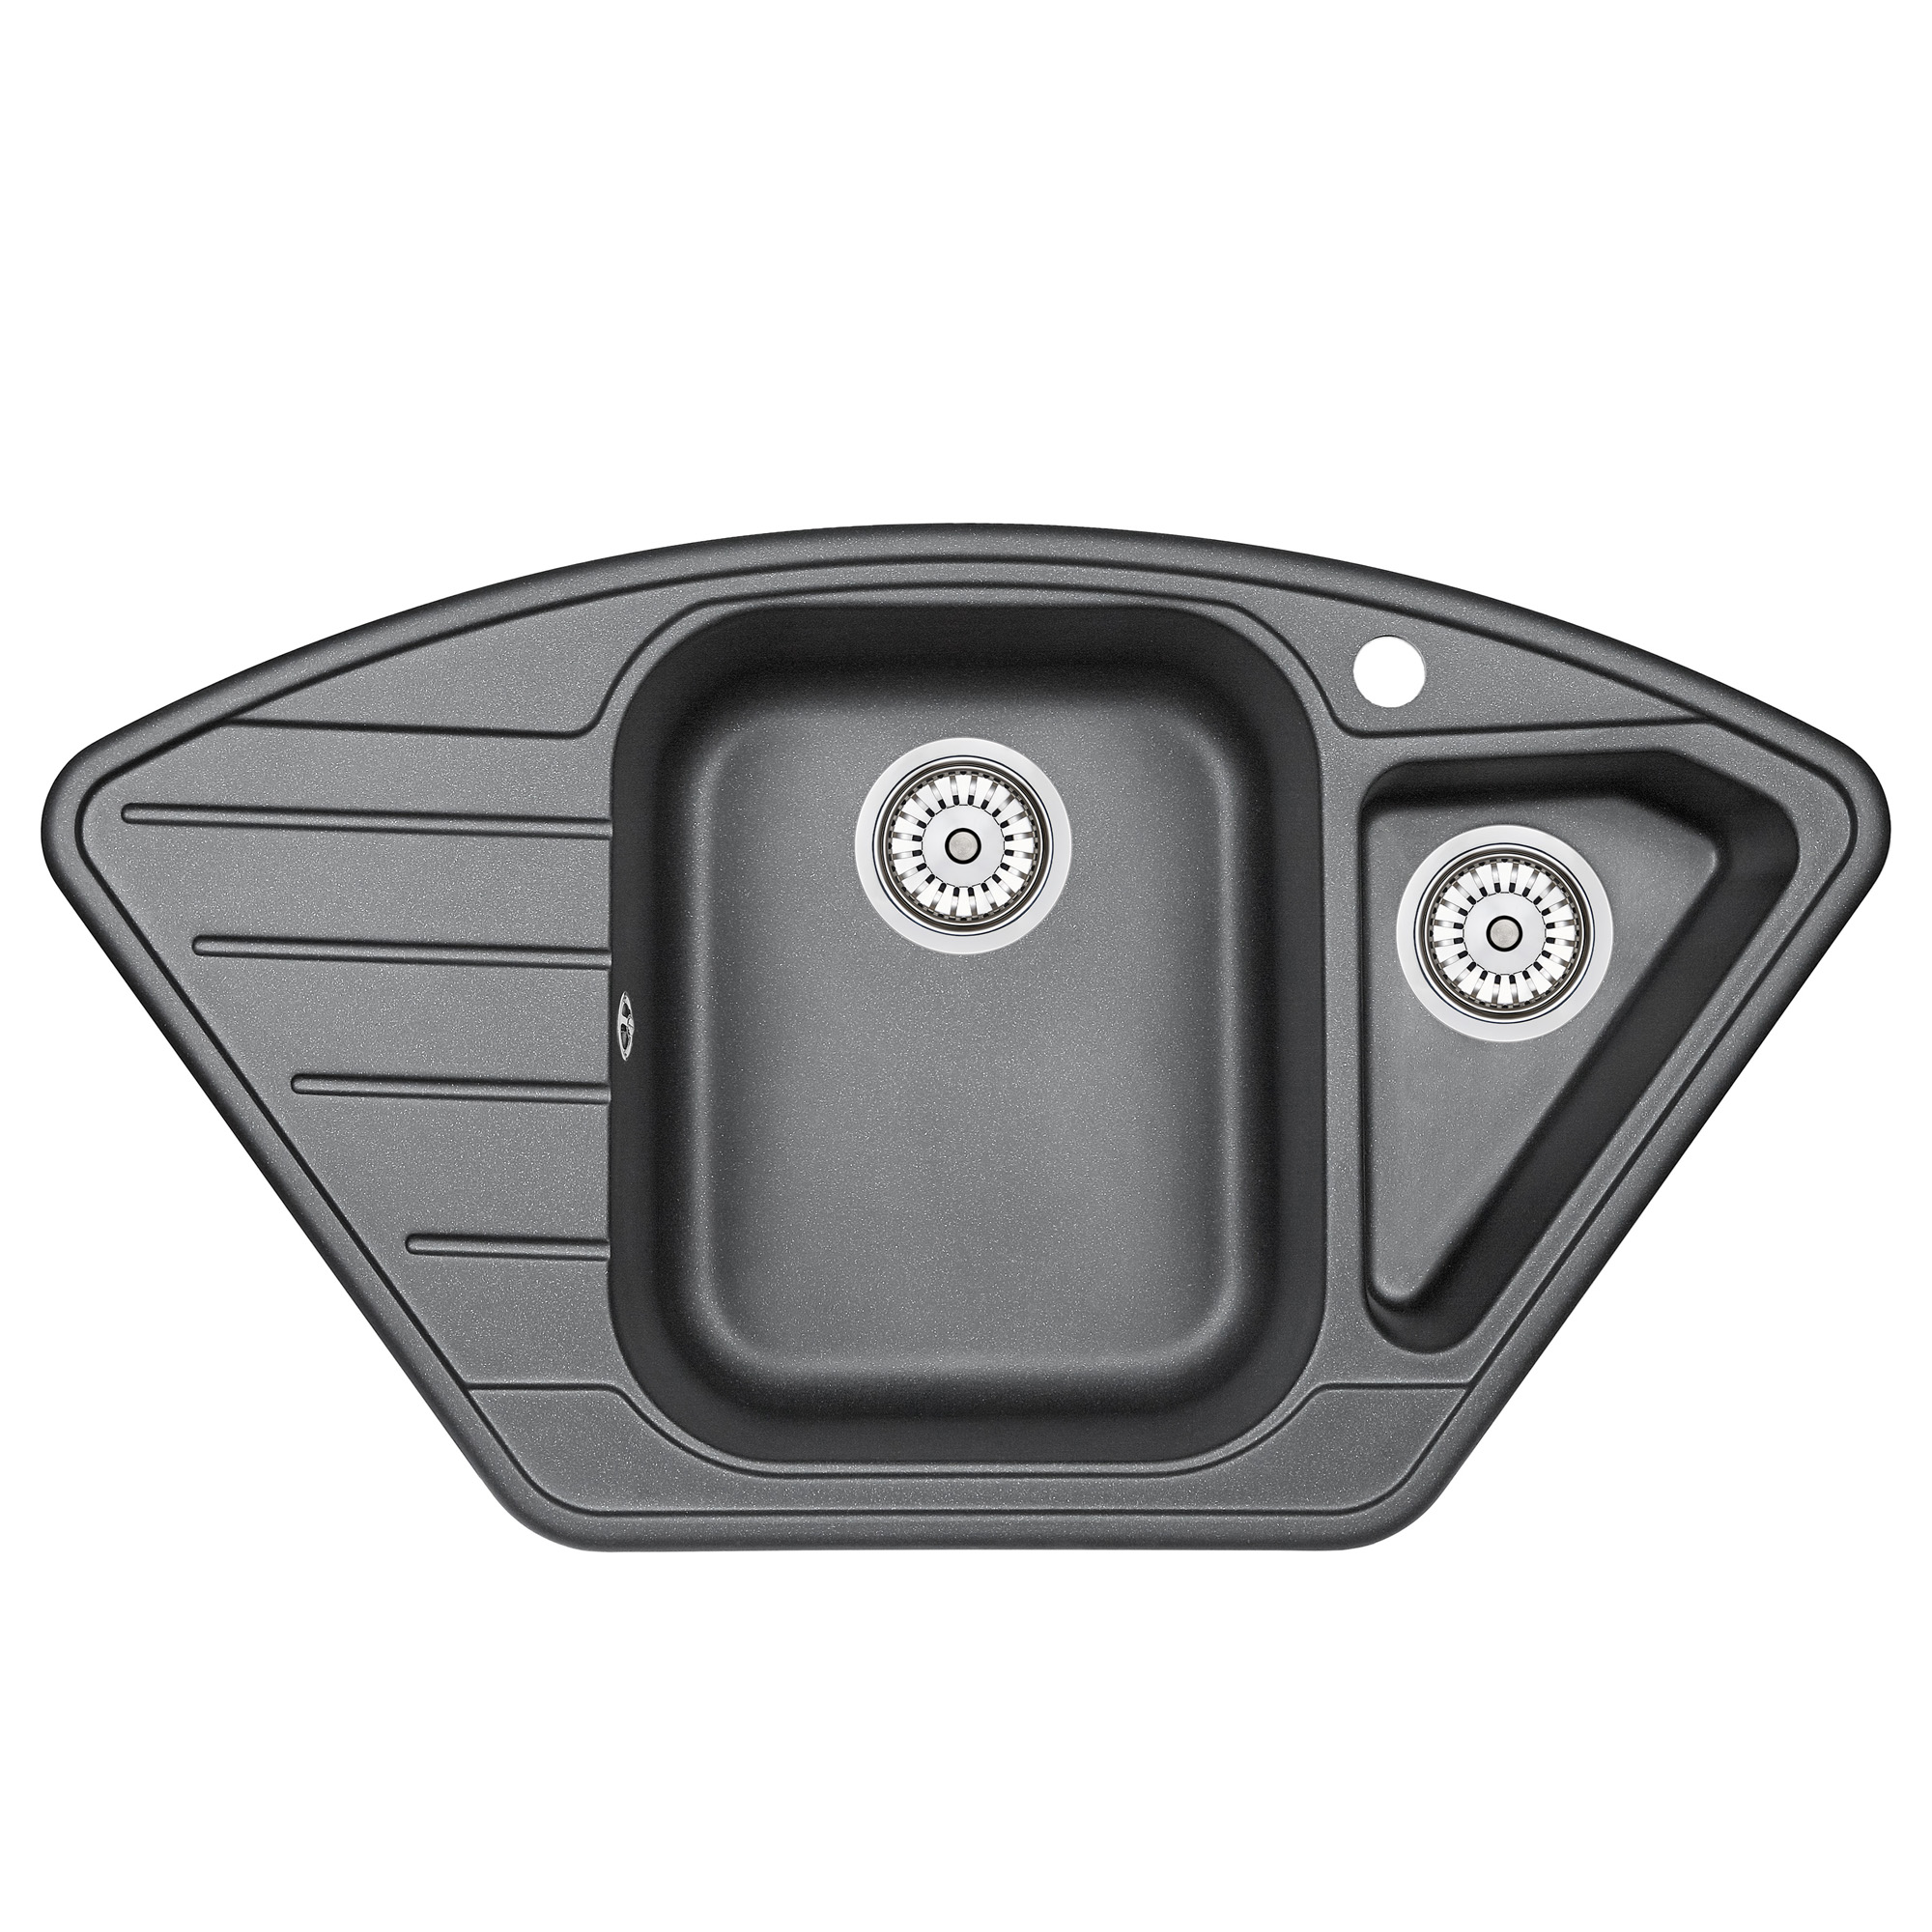 Кухонная мойка Granula GR-9101 890х490 шварц смеситель для мойки granula 1124 шварц